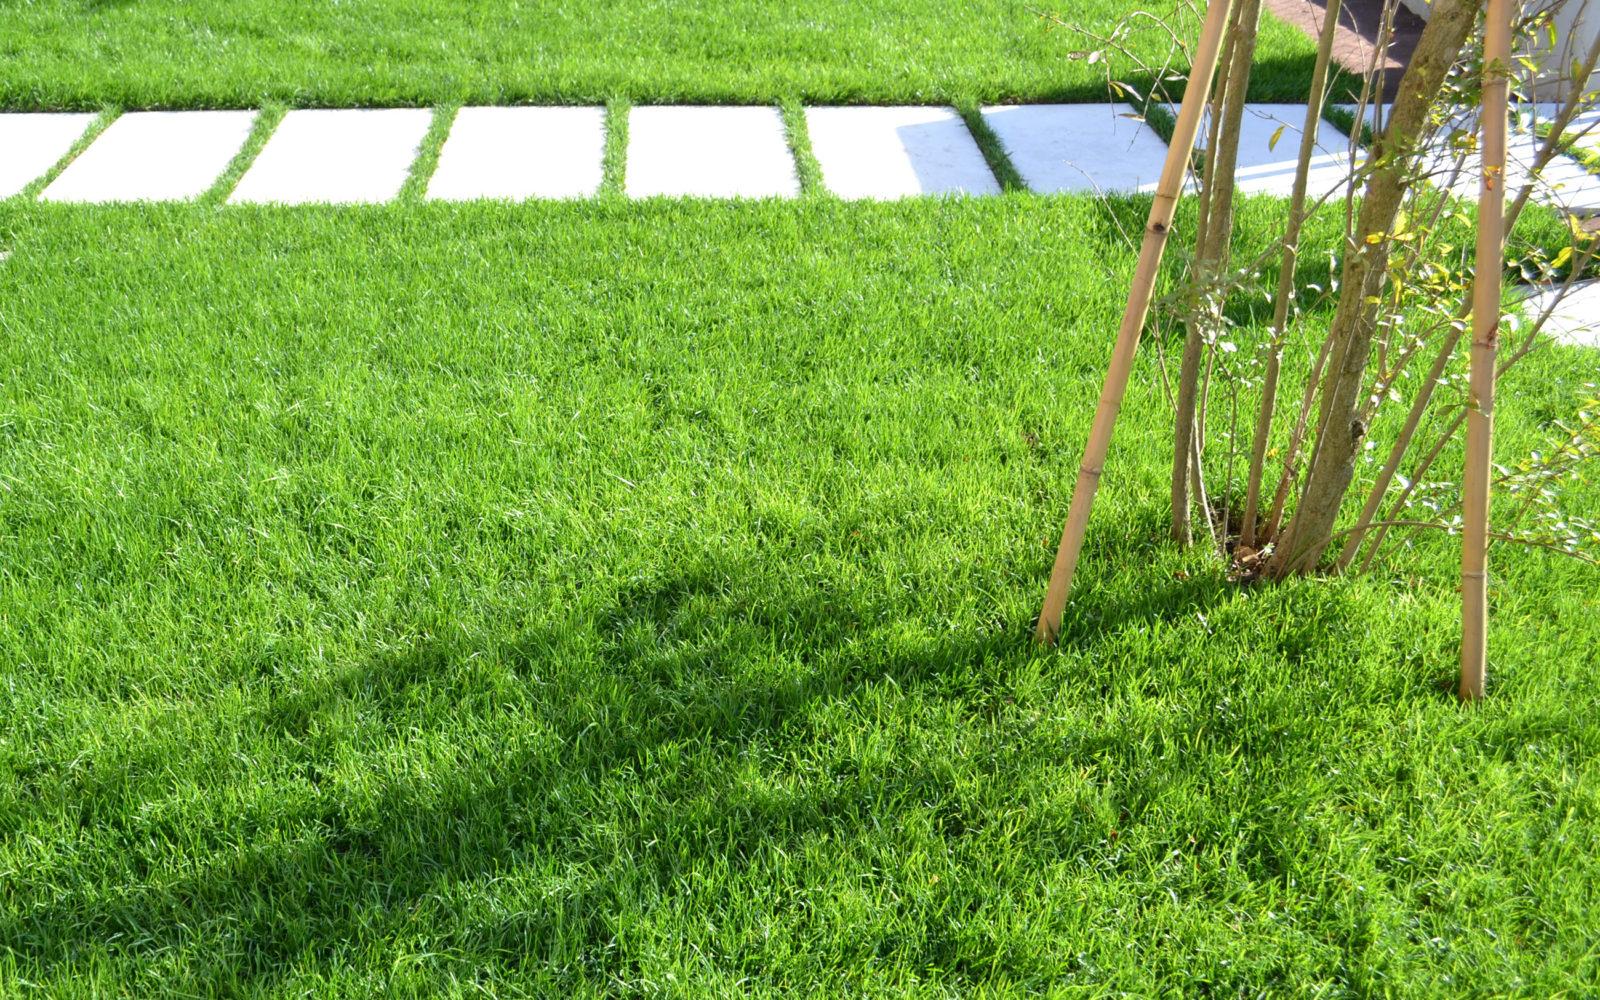 piccolo giardino domestico privato a Villorba - 3